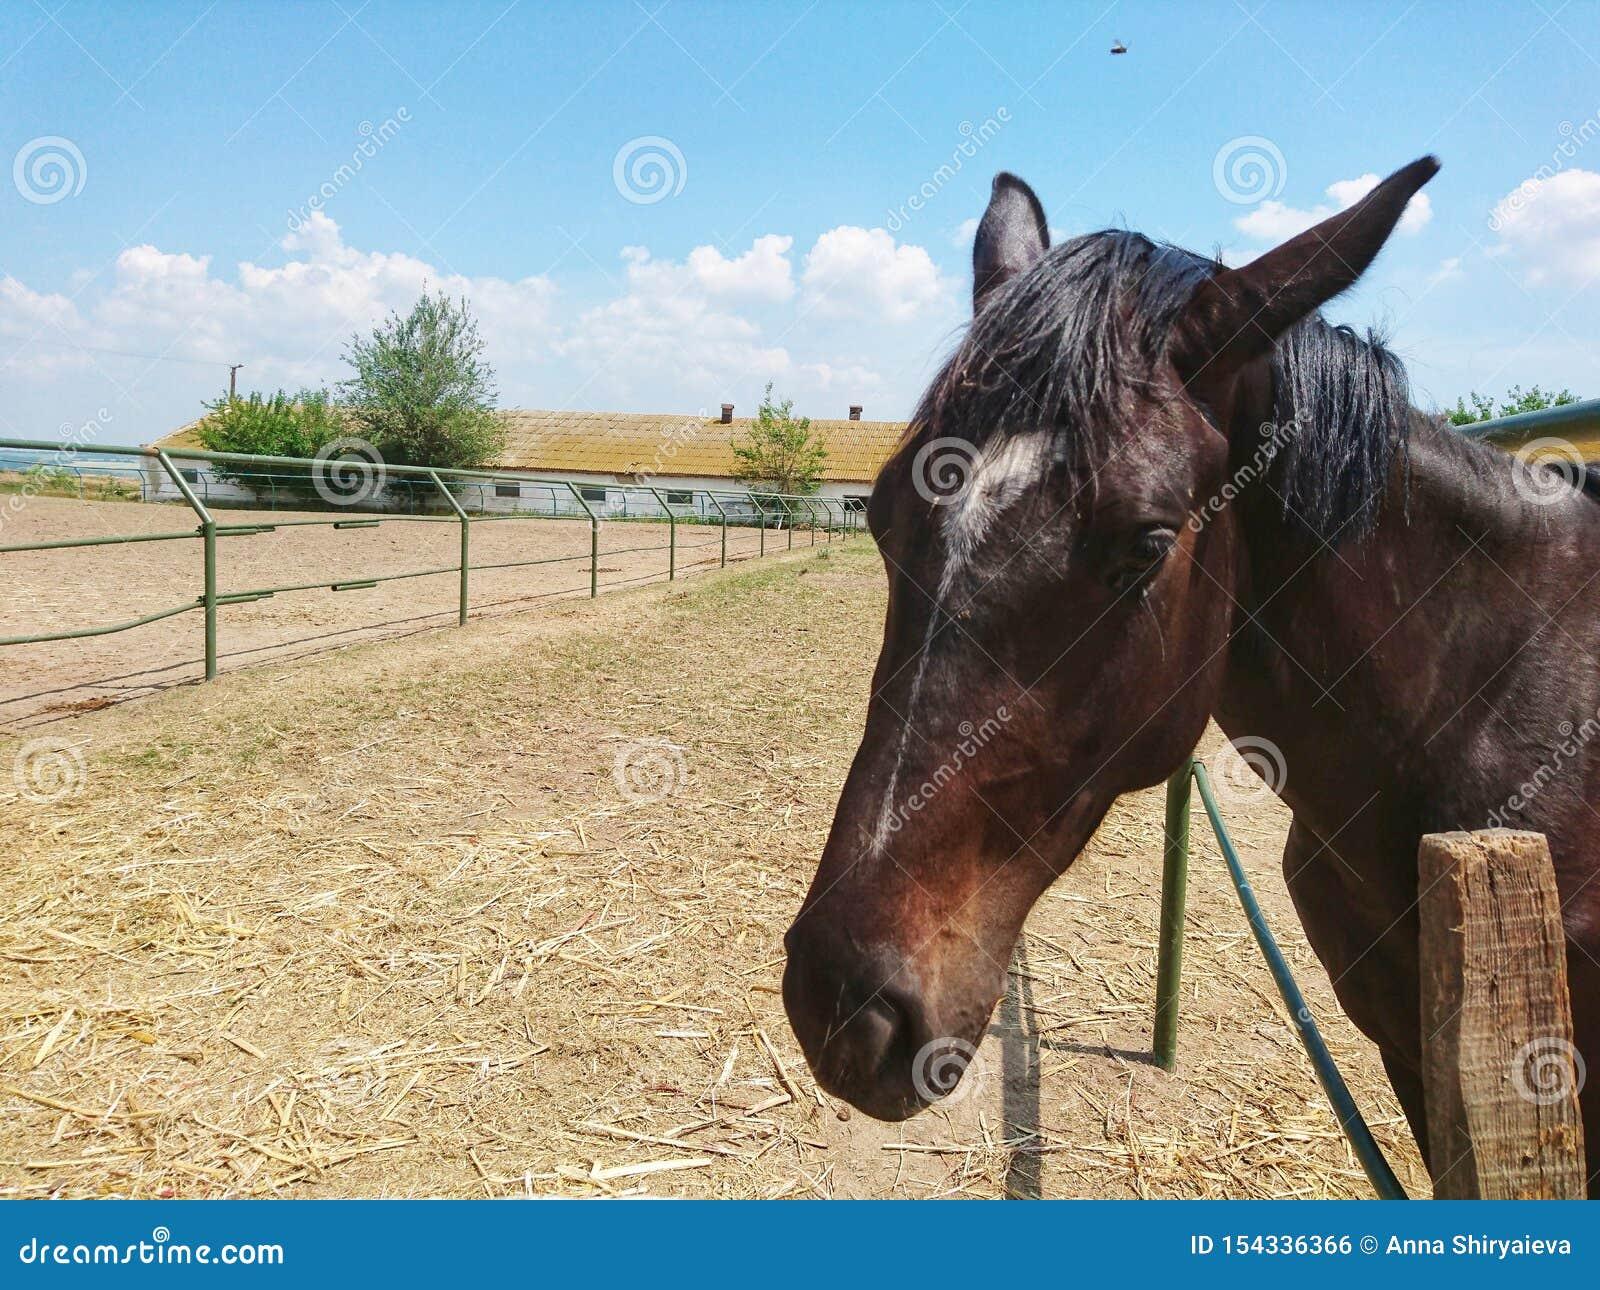 Одна красивая лошадь племенника идет на ранчо против голубого неба и белых облаков